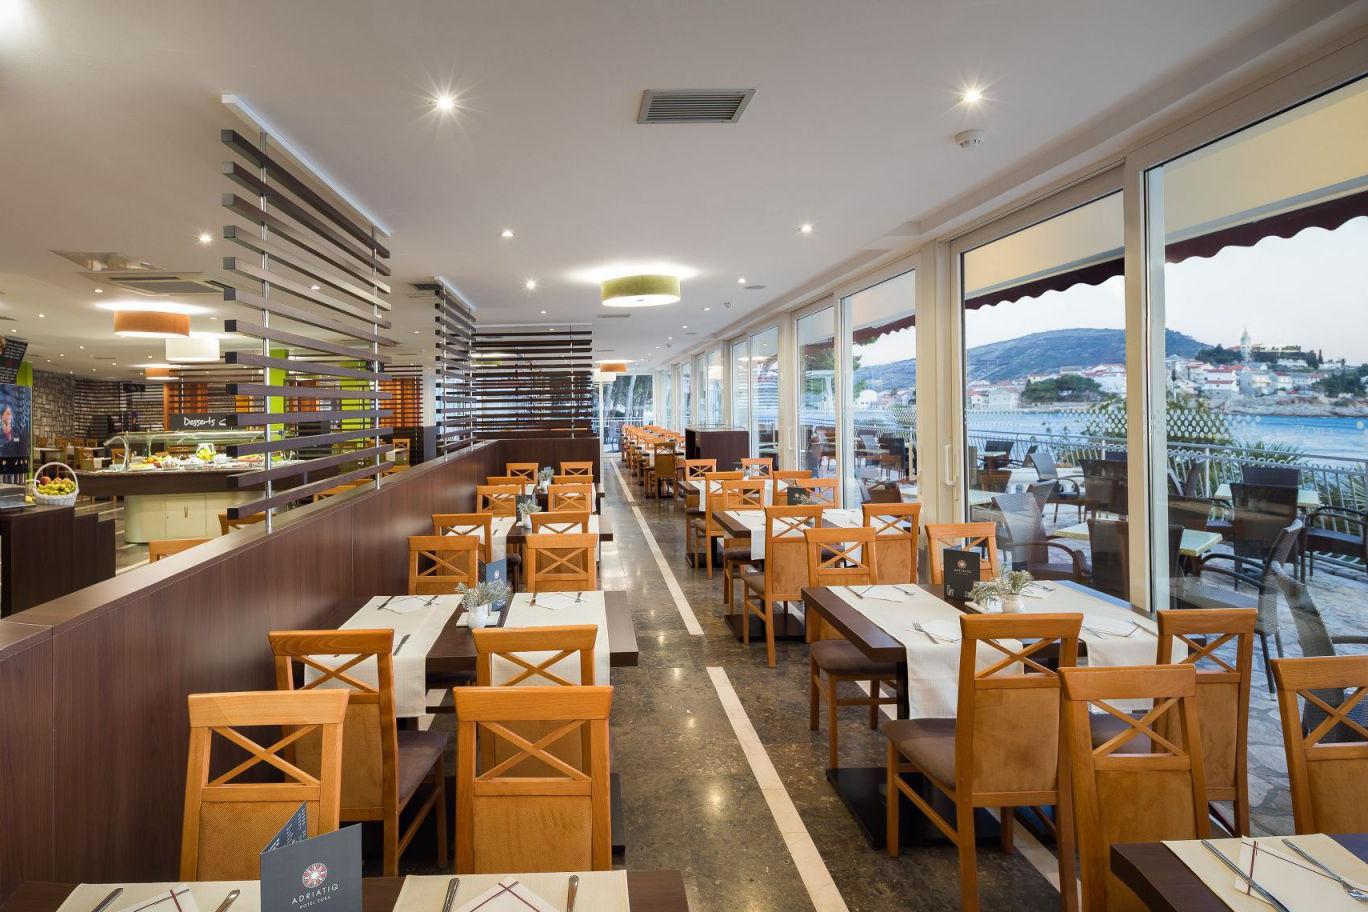 restaurant 23 16904142431 o uai - Zora Hotel